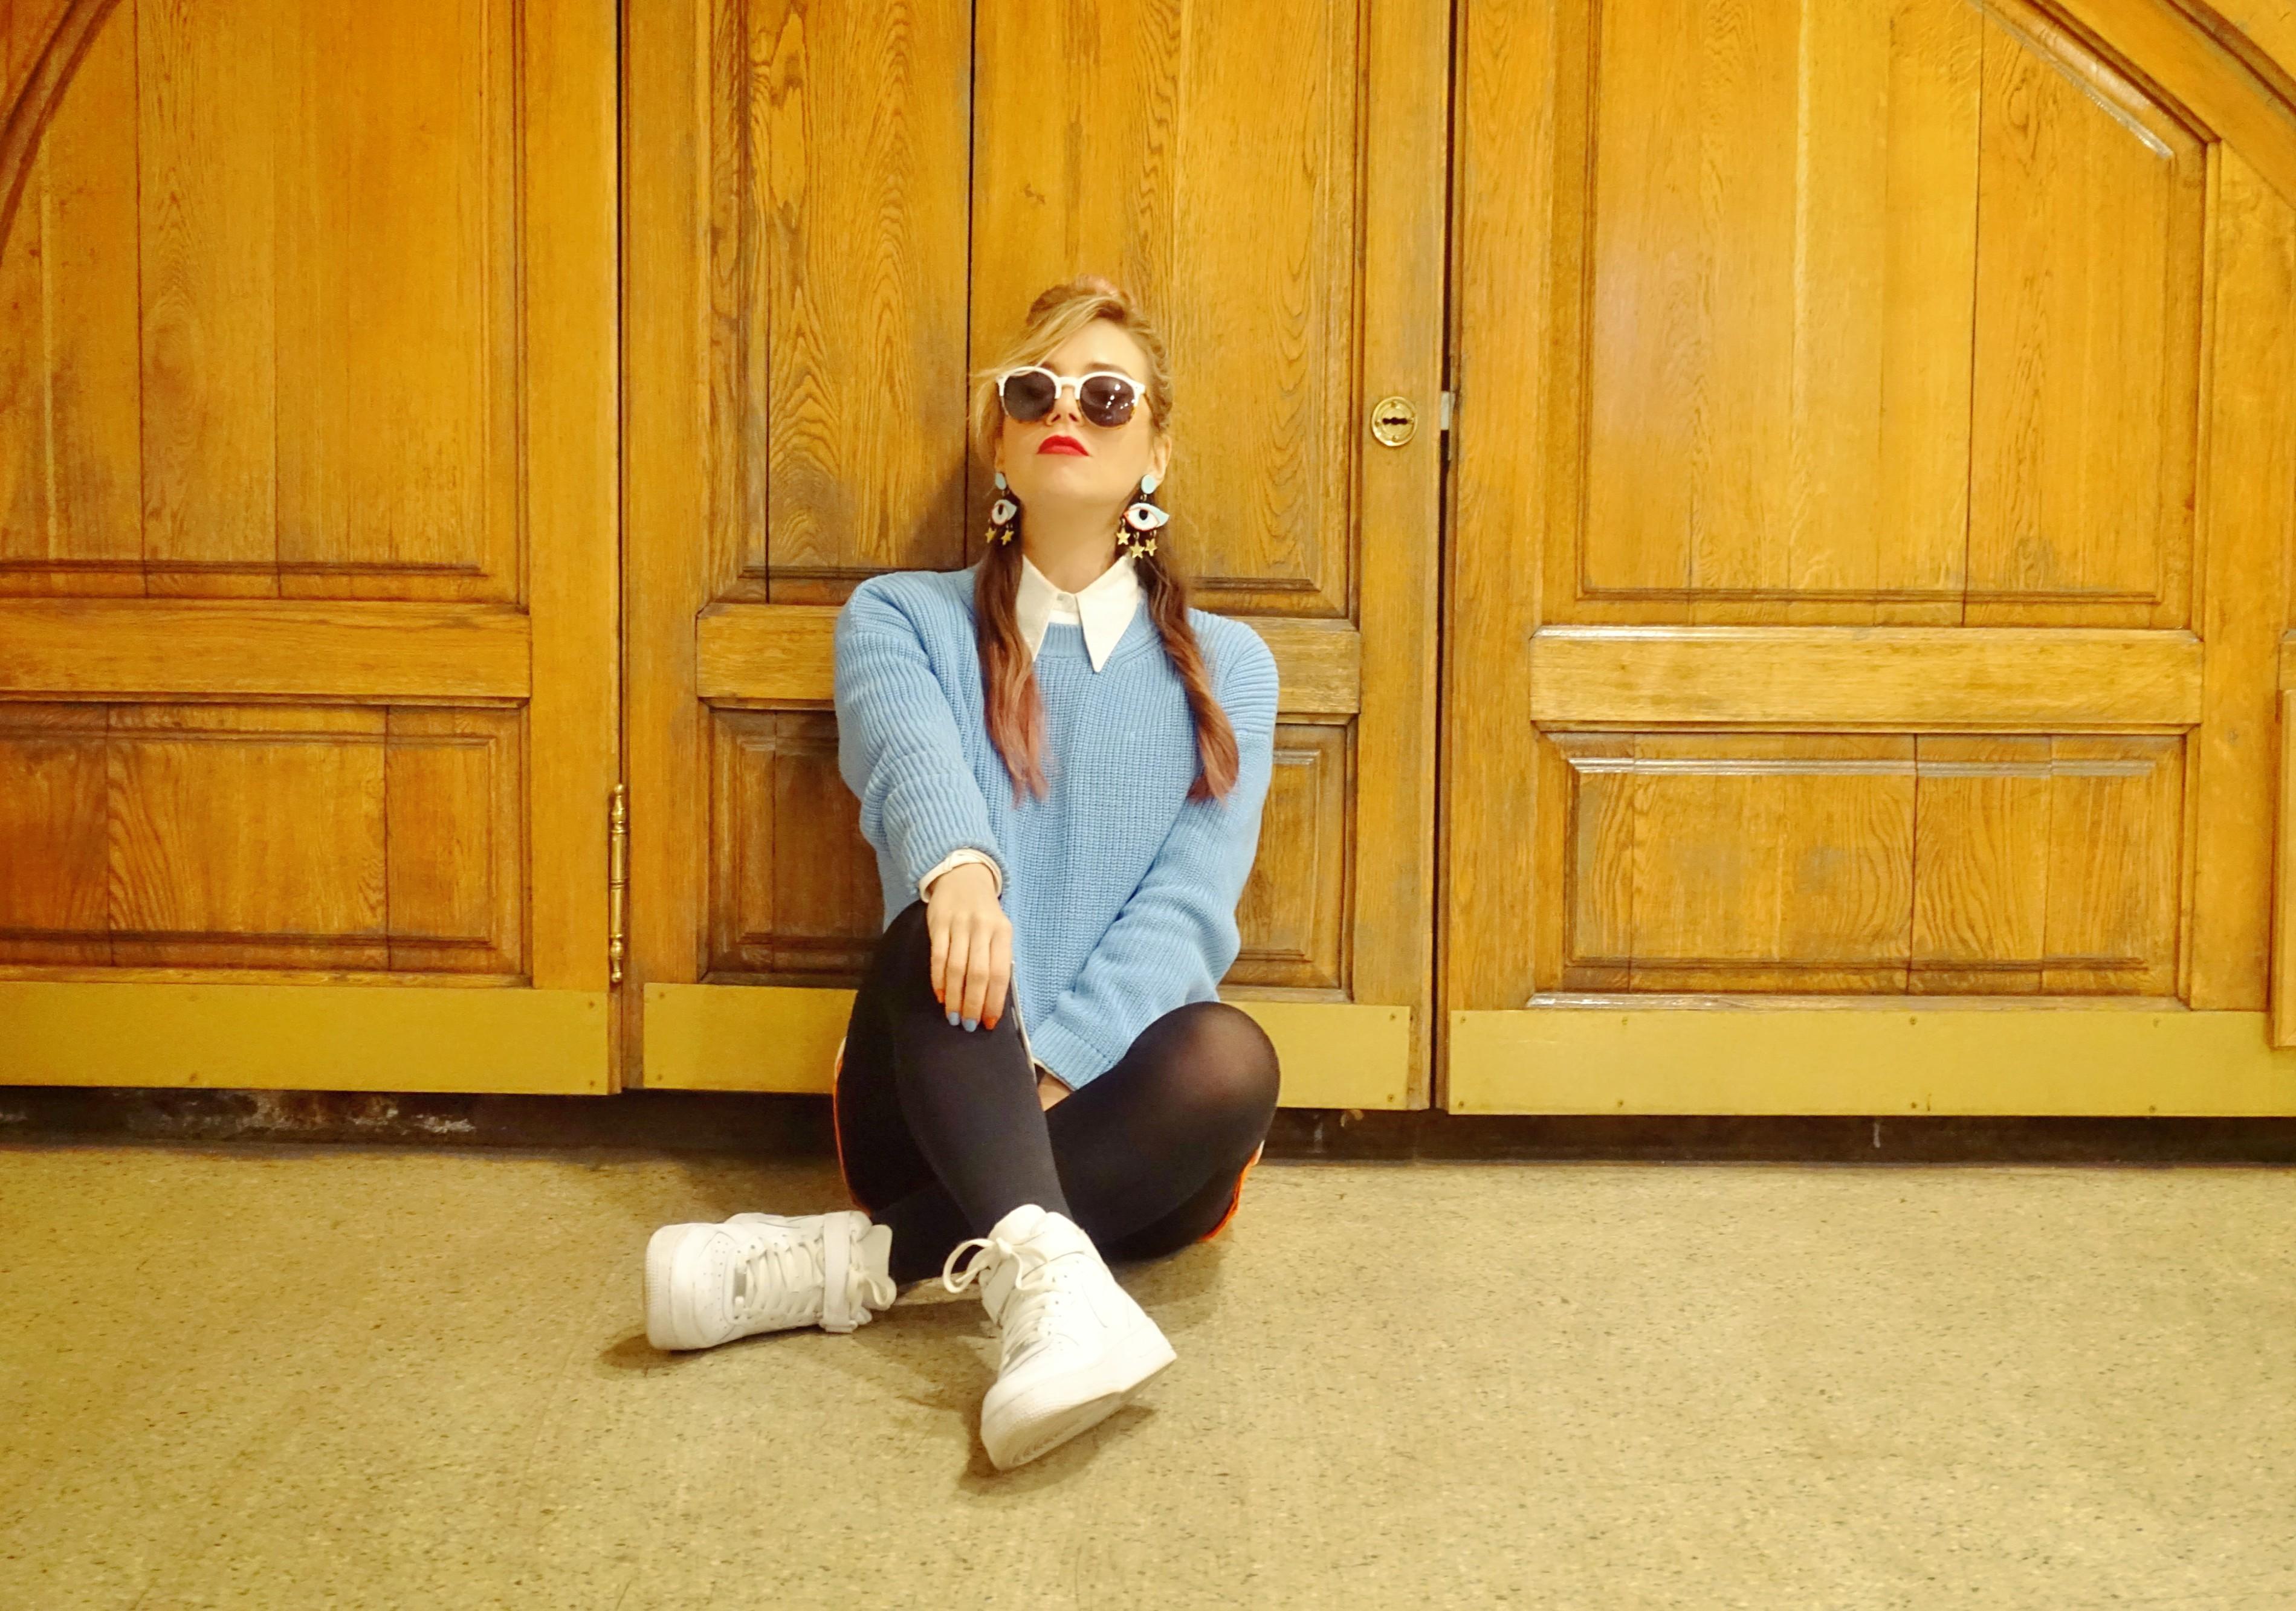 Stradivas-look-blog-de-moda-Chic-Adicta-jersey-azul-zapatillas-nike-pendientes-de-ojos-budapest-style-PiensaenChic-chicadicta-Piensa-en-Chic